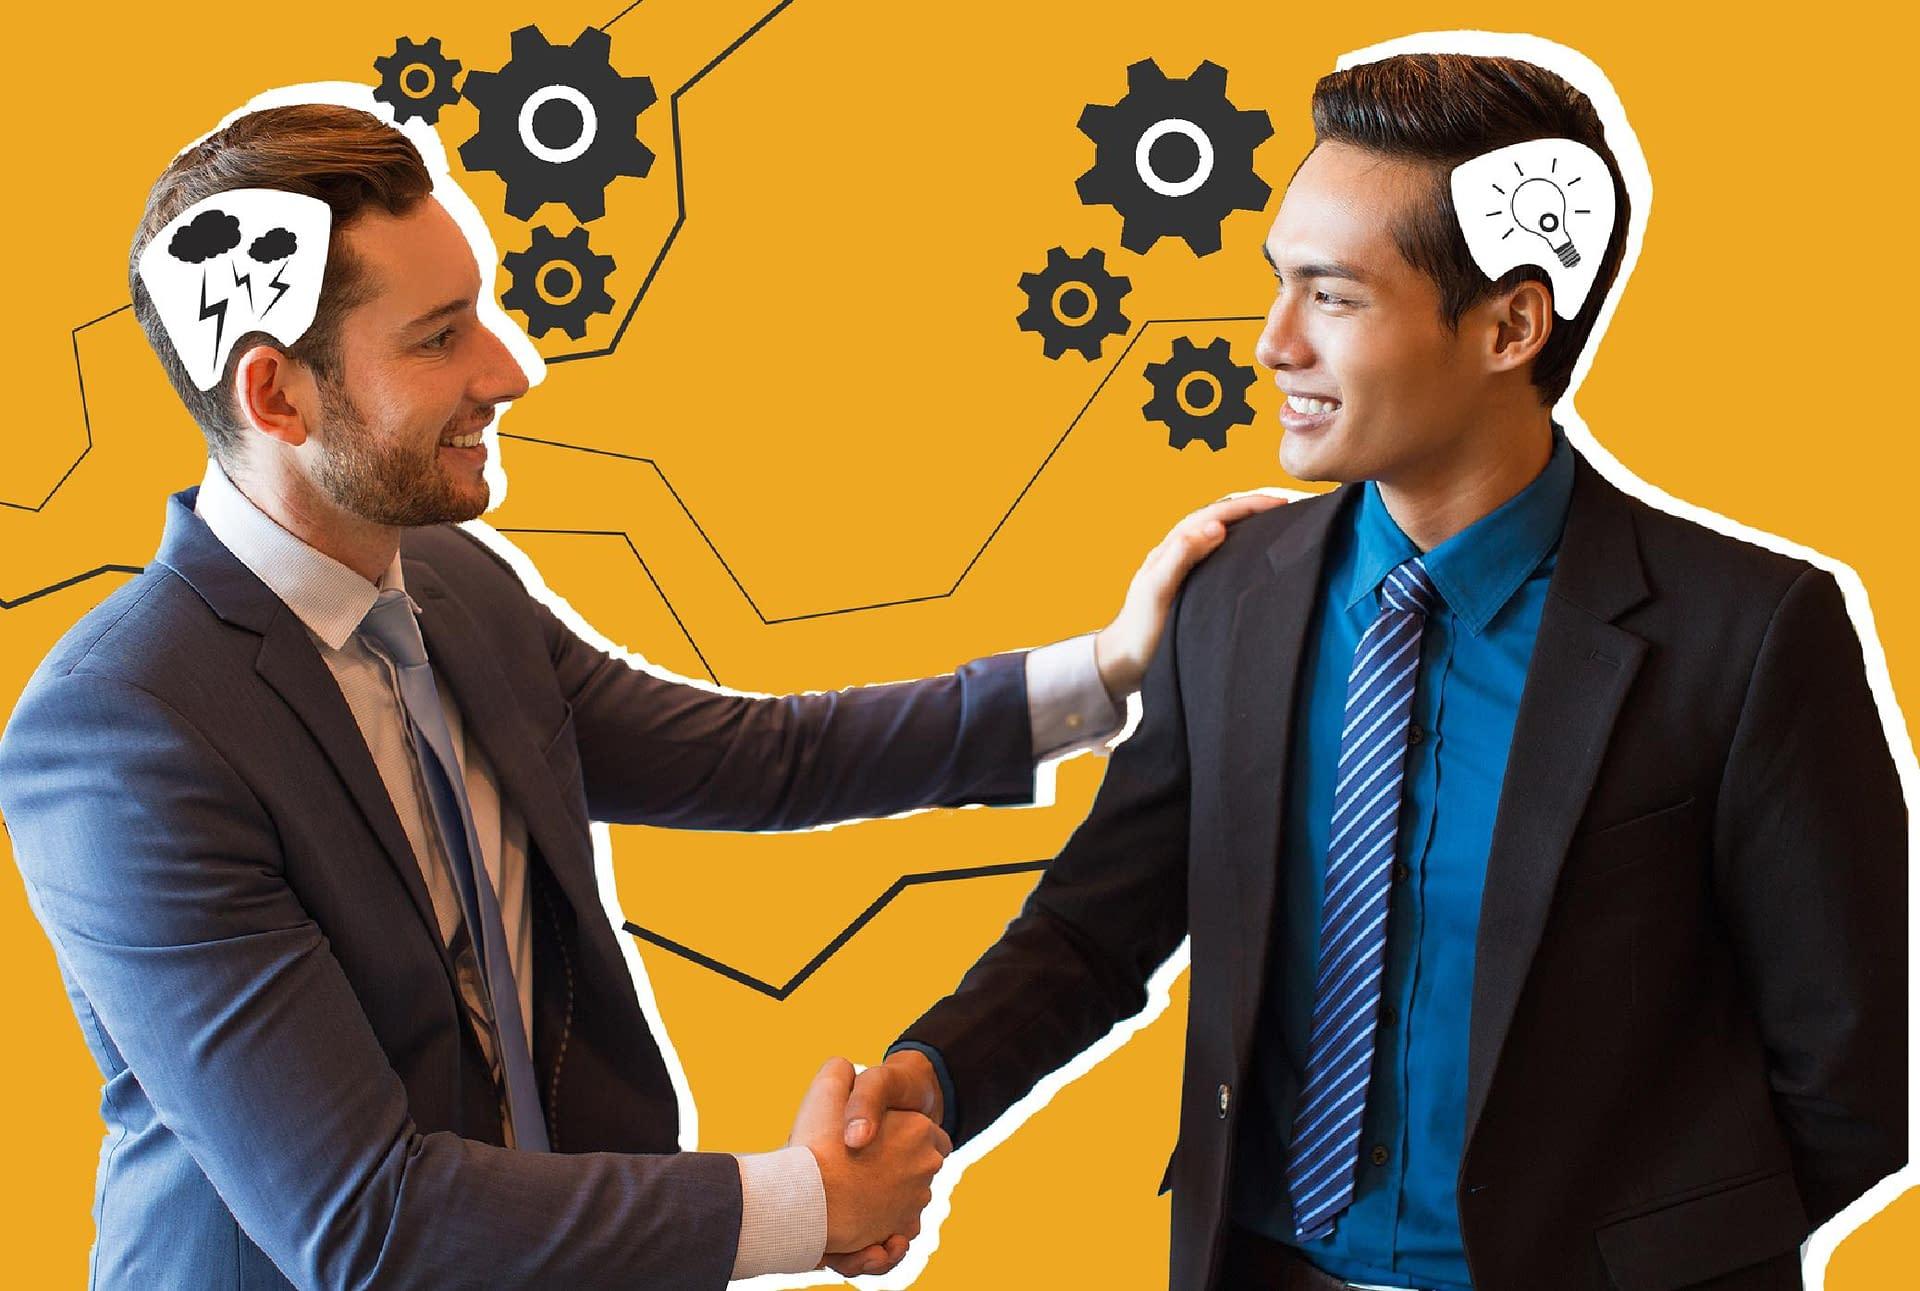 Тренинг «Эмоциональный интеллект: устойчивость к стрессу и управление эмоциями»